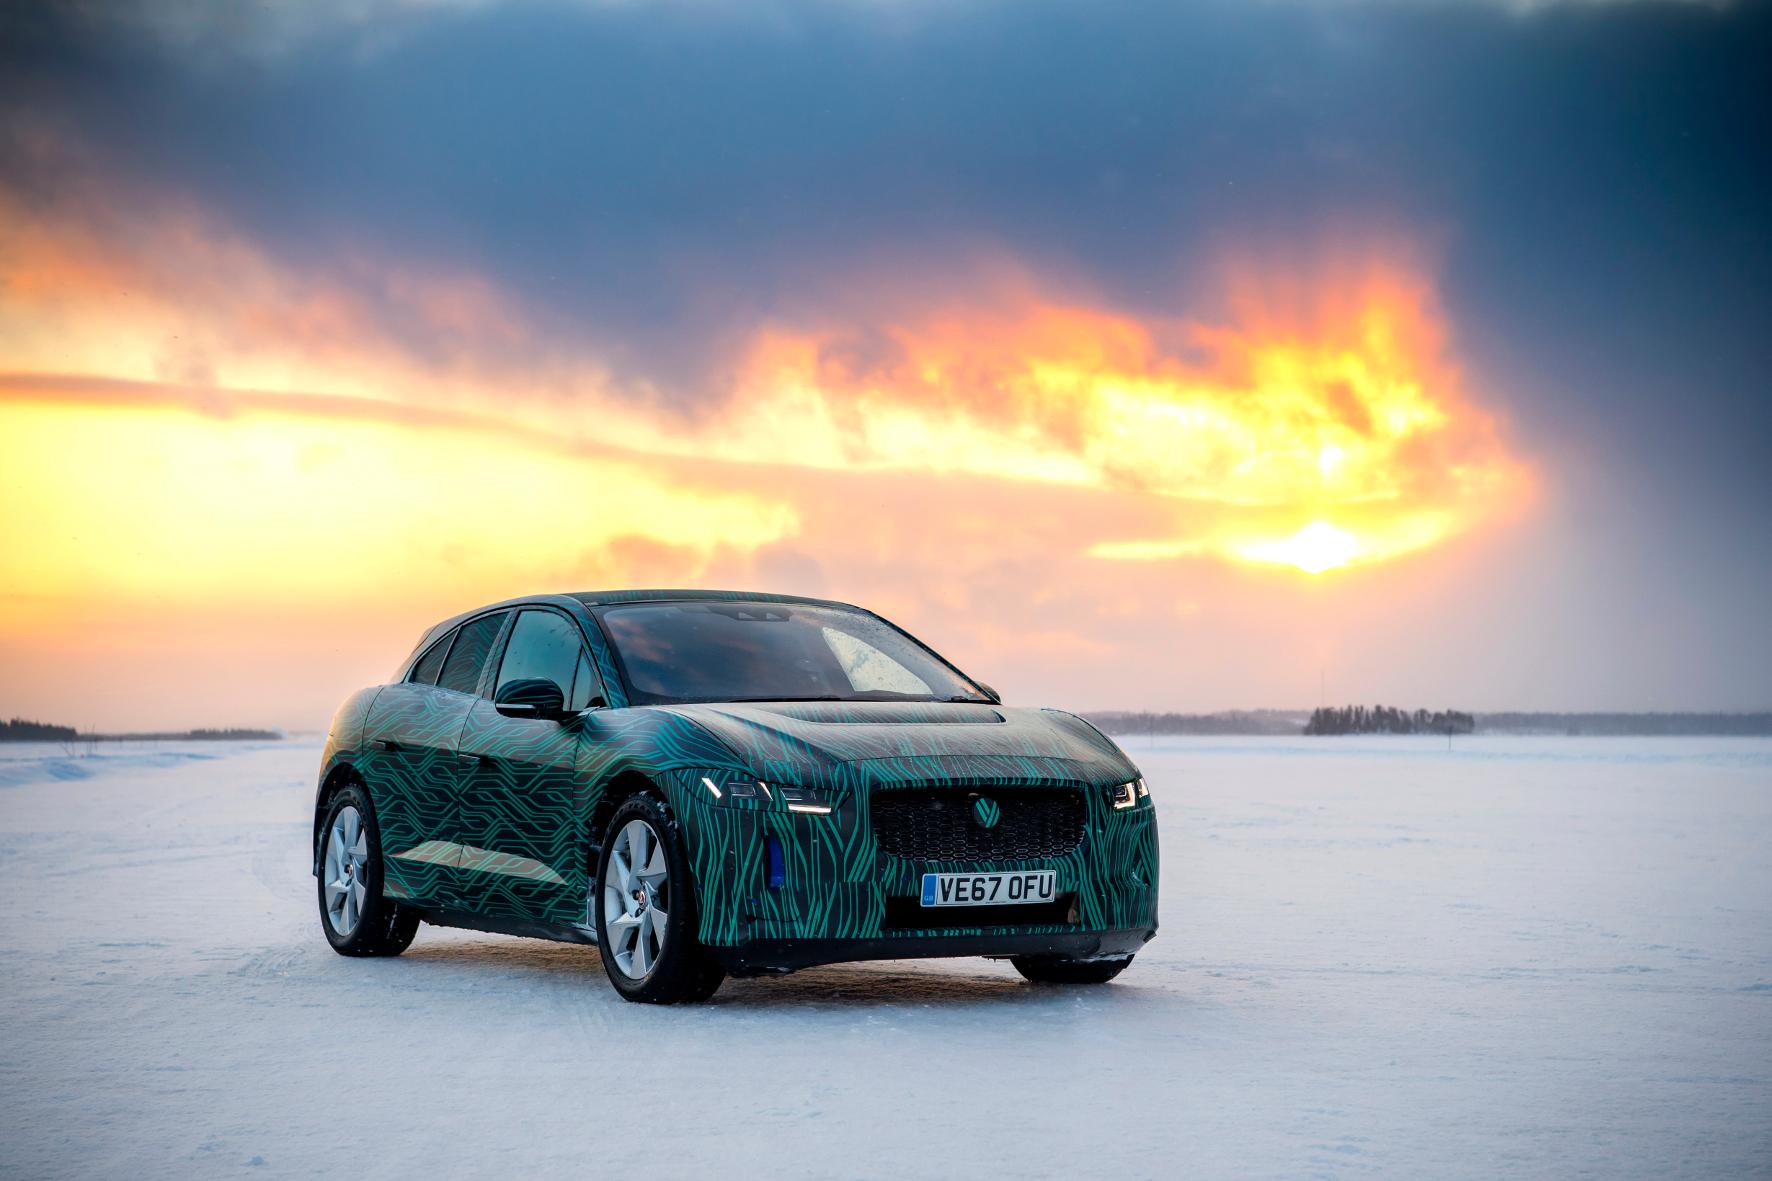 Jaguar auch im Eis schnell unter Strom